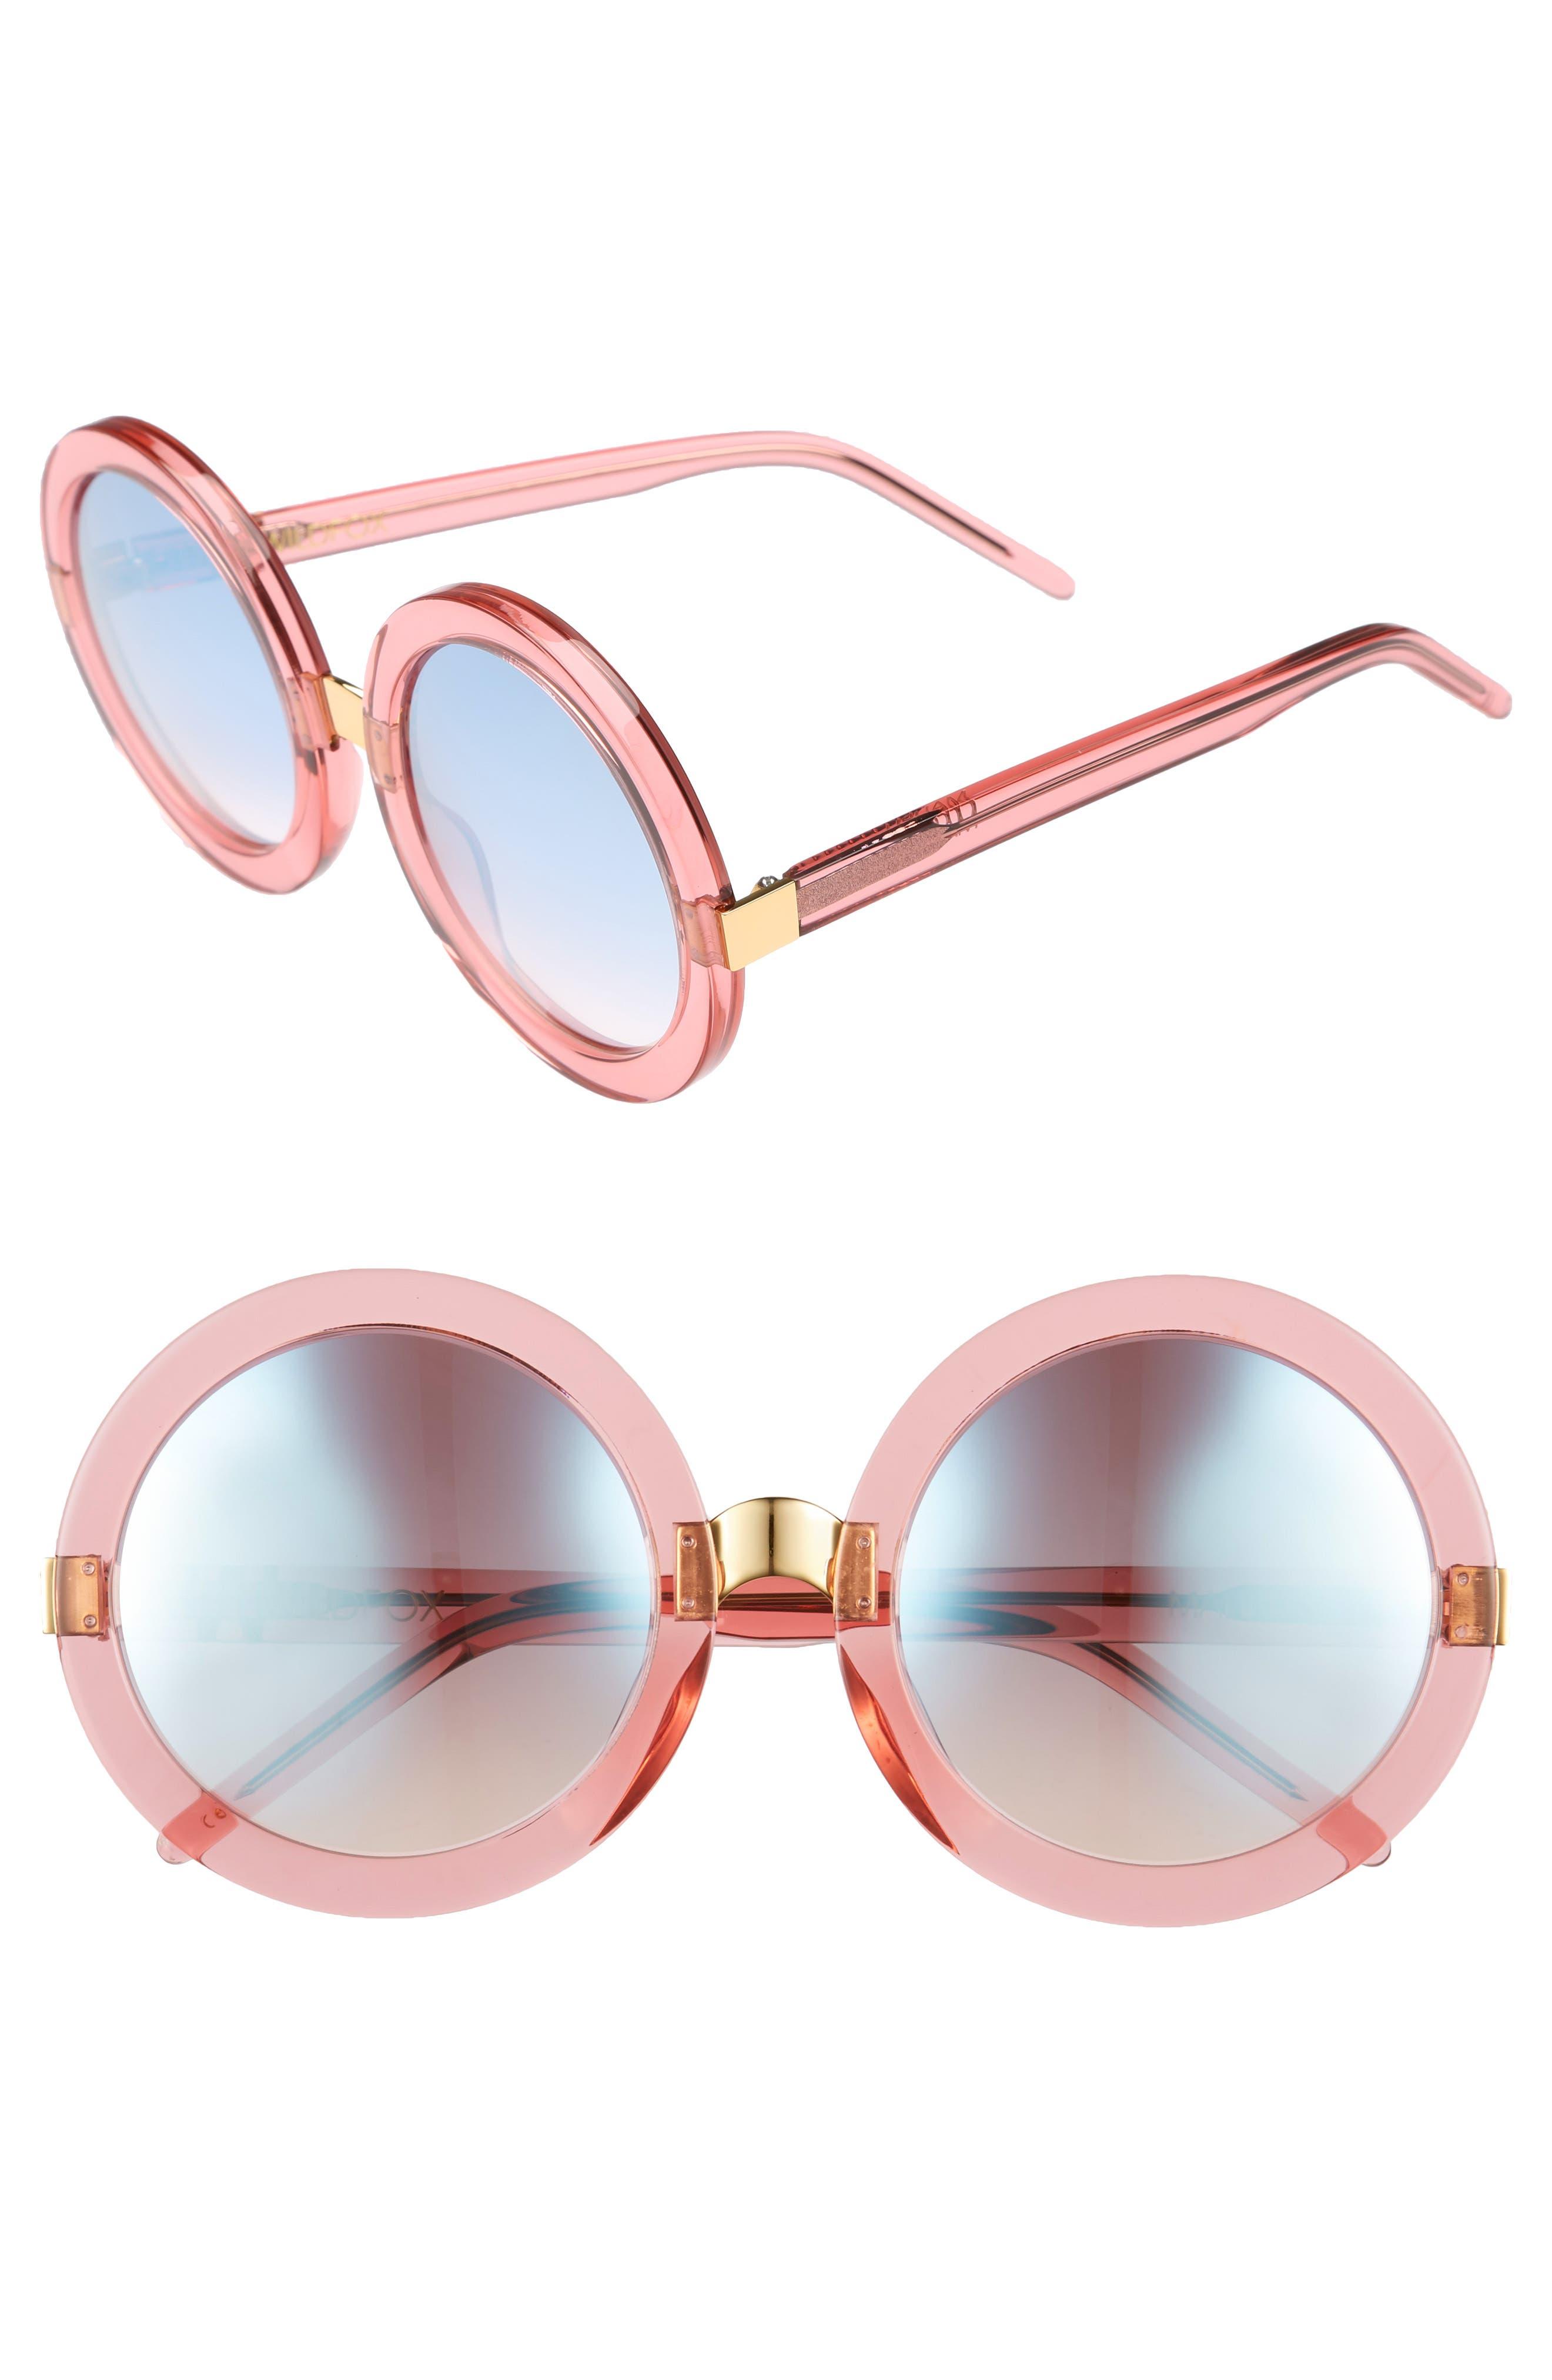 'Malibu Deluxe' 55mm Retro Sunglasses,                             Main thumbnail 1, color,                             Rosewater/ Silver Mirror